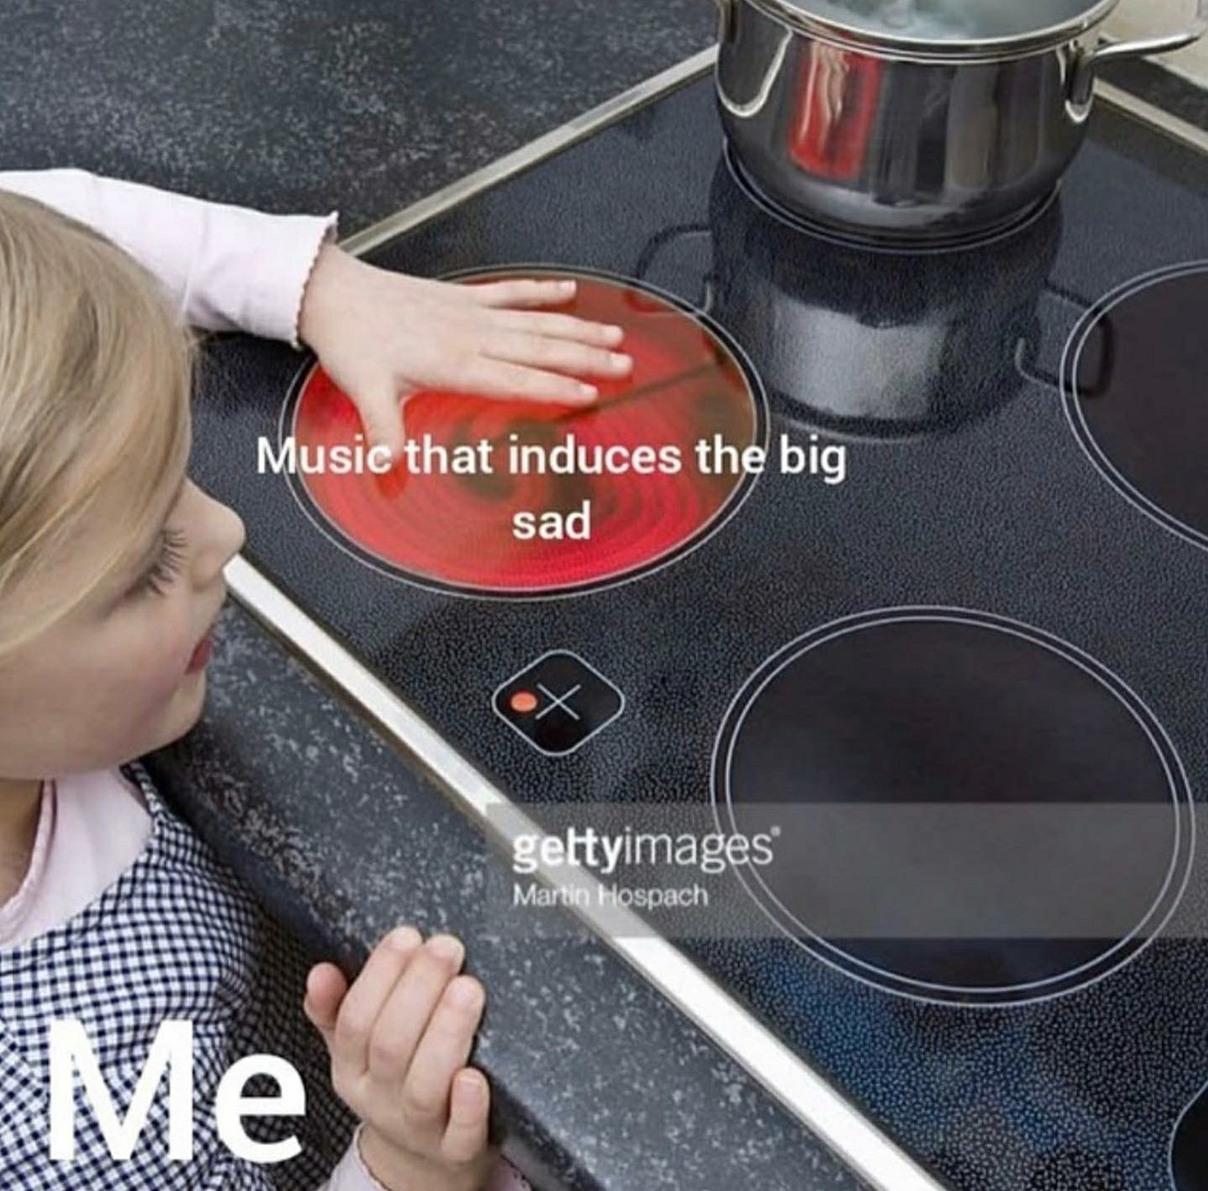 It slaps tho - meme